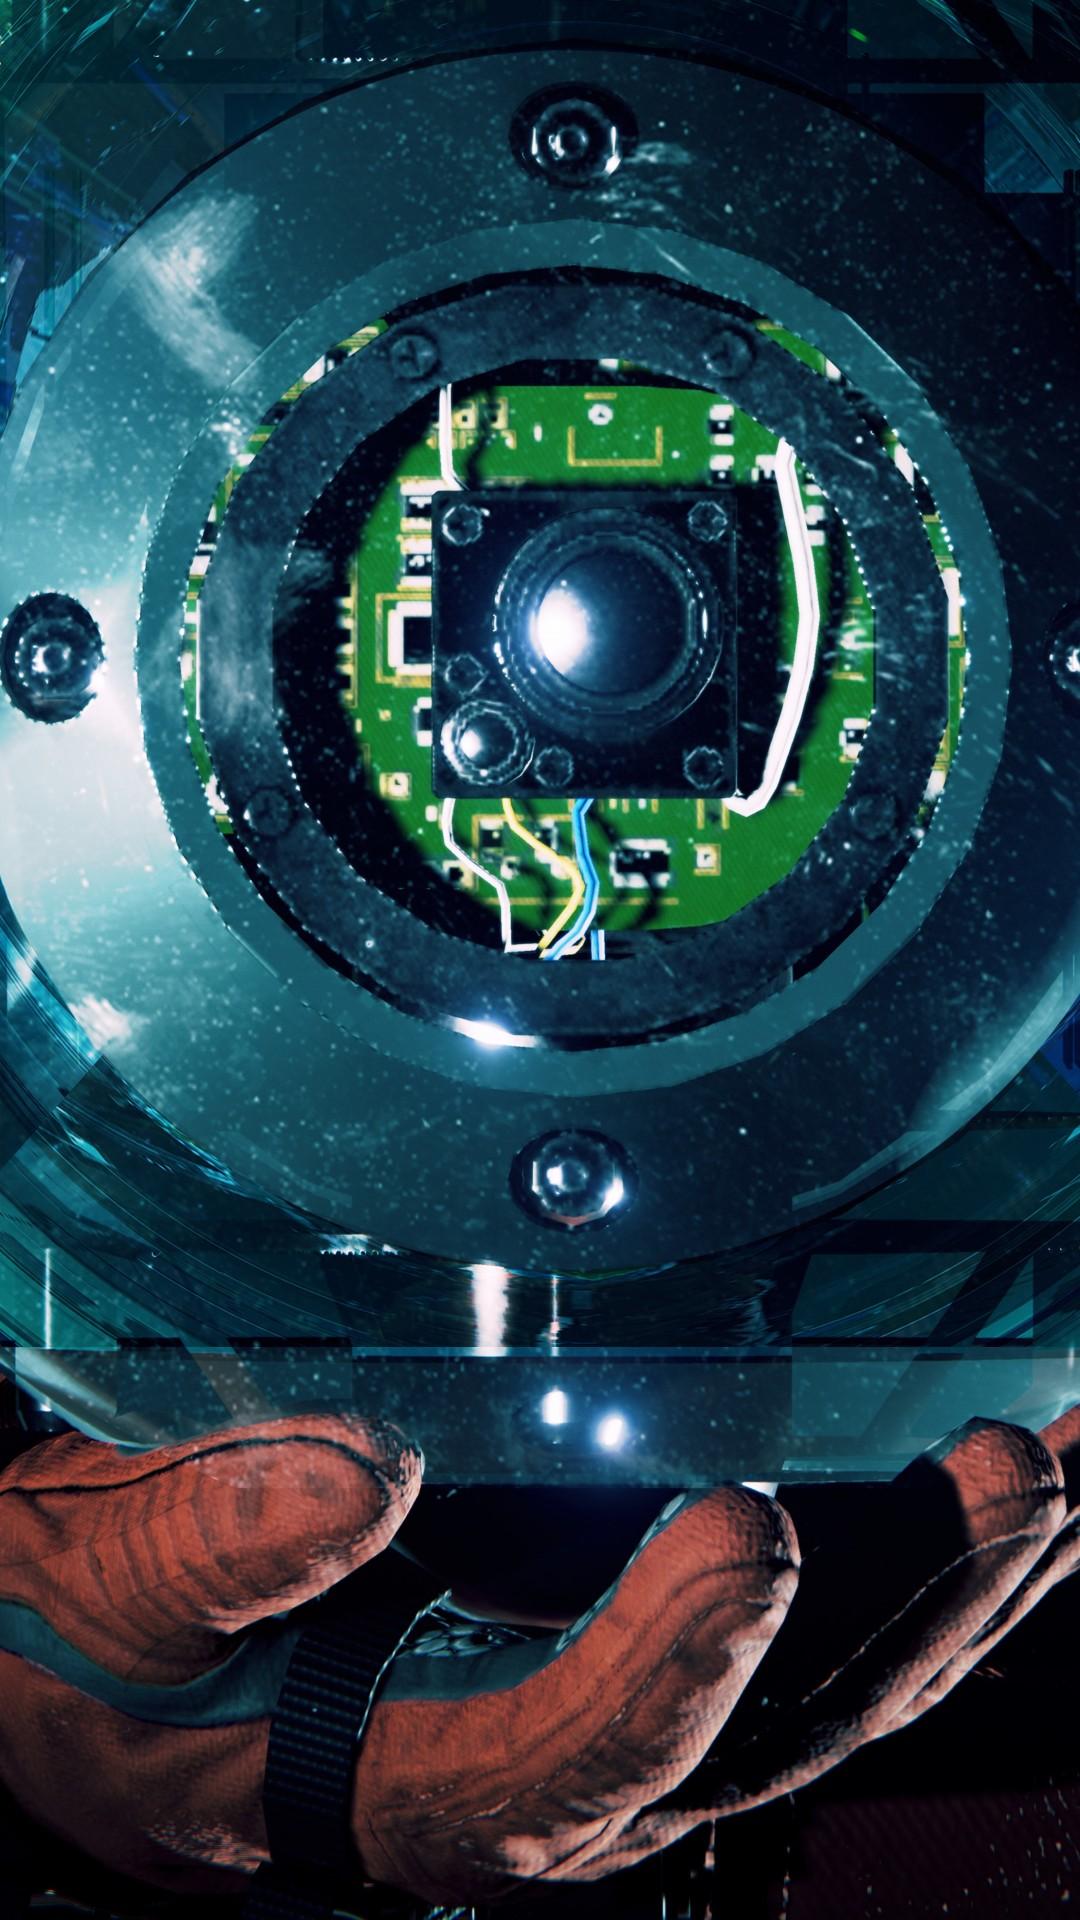 Wallpaper Observation poster 5K Games 21526 1080x1920